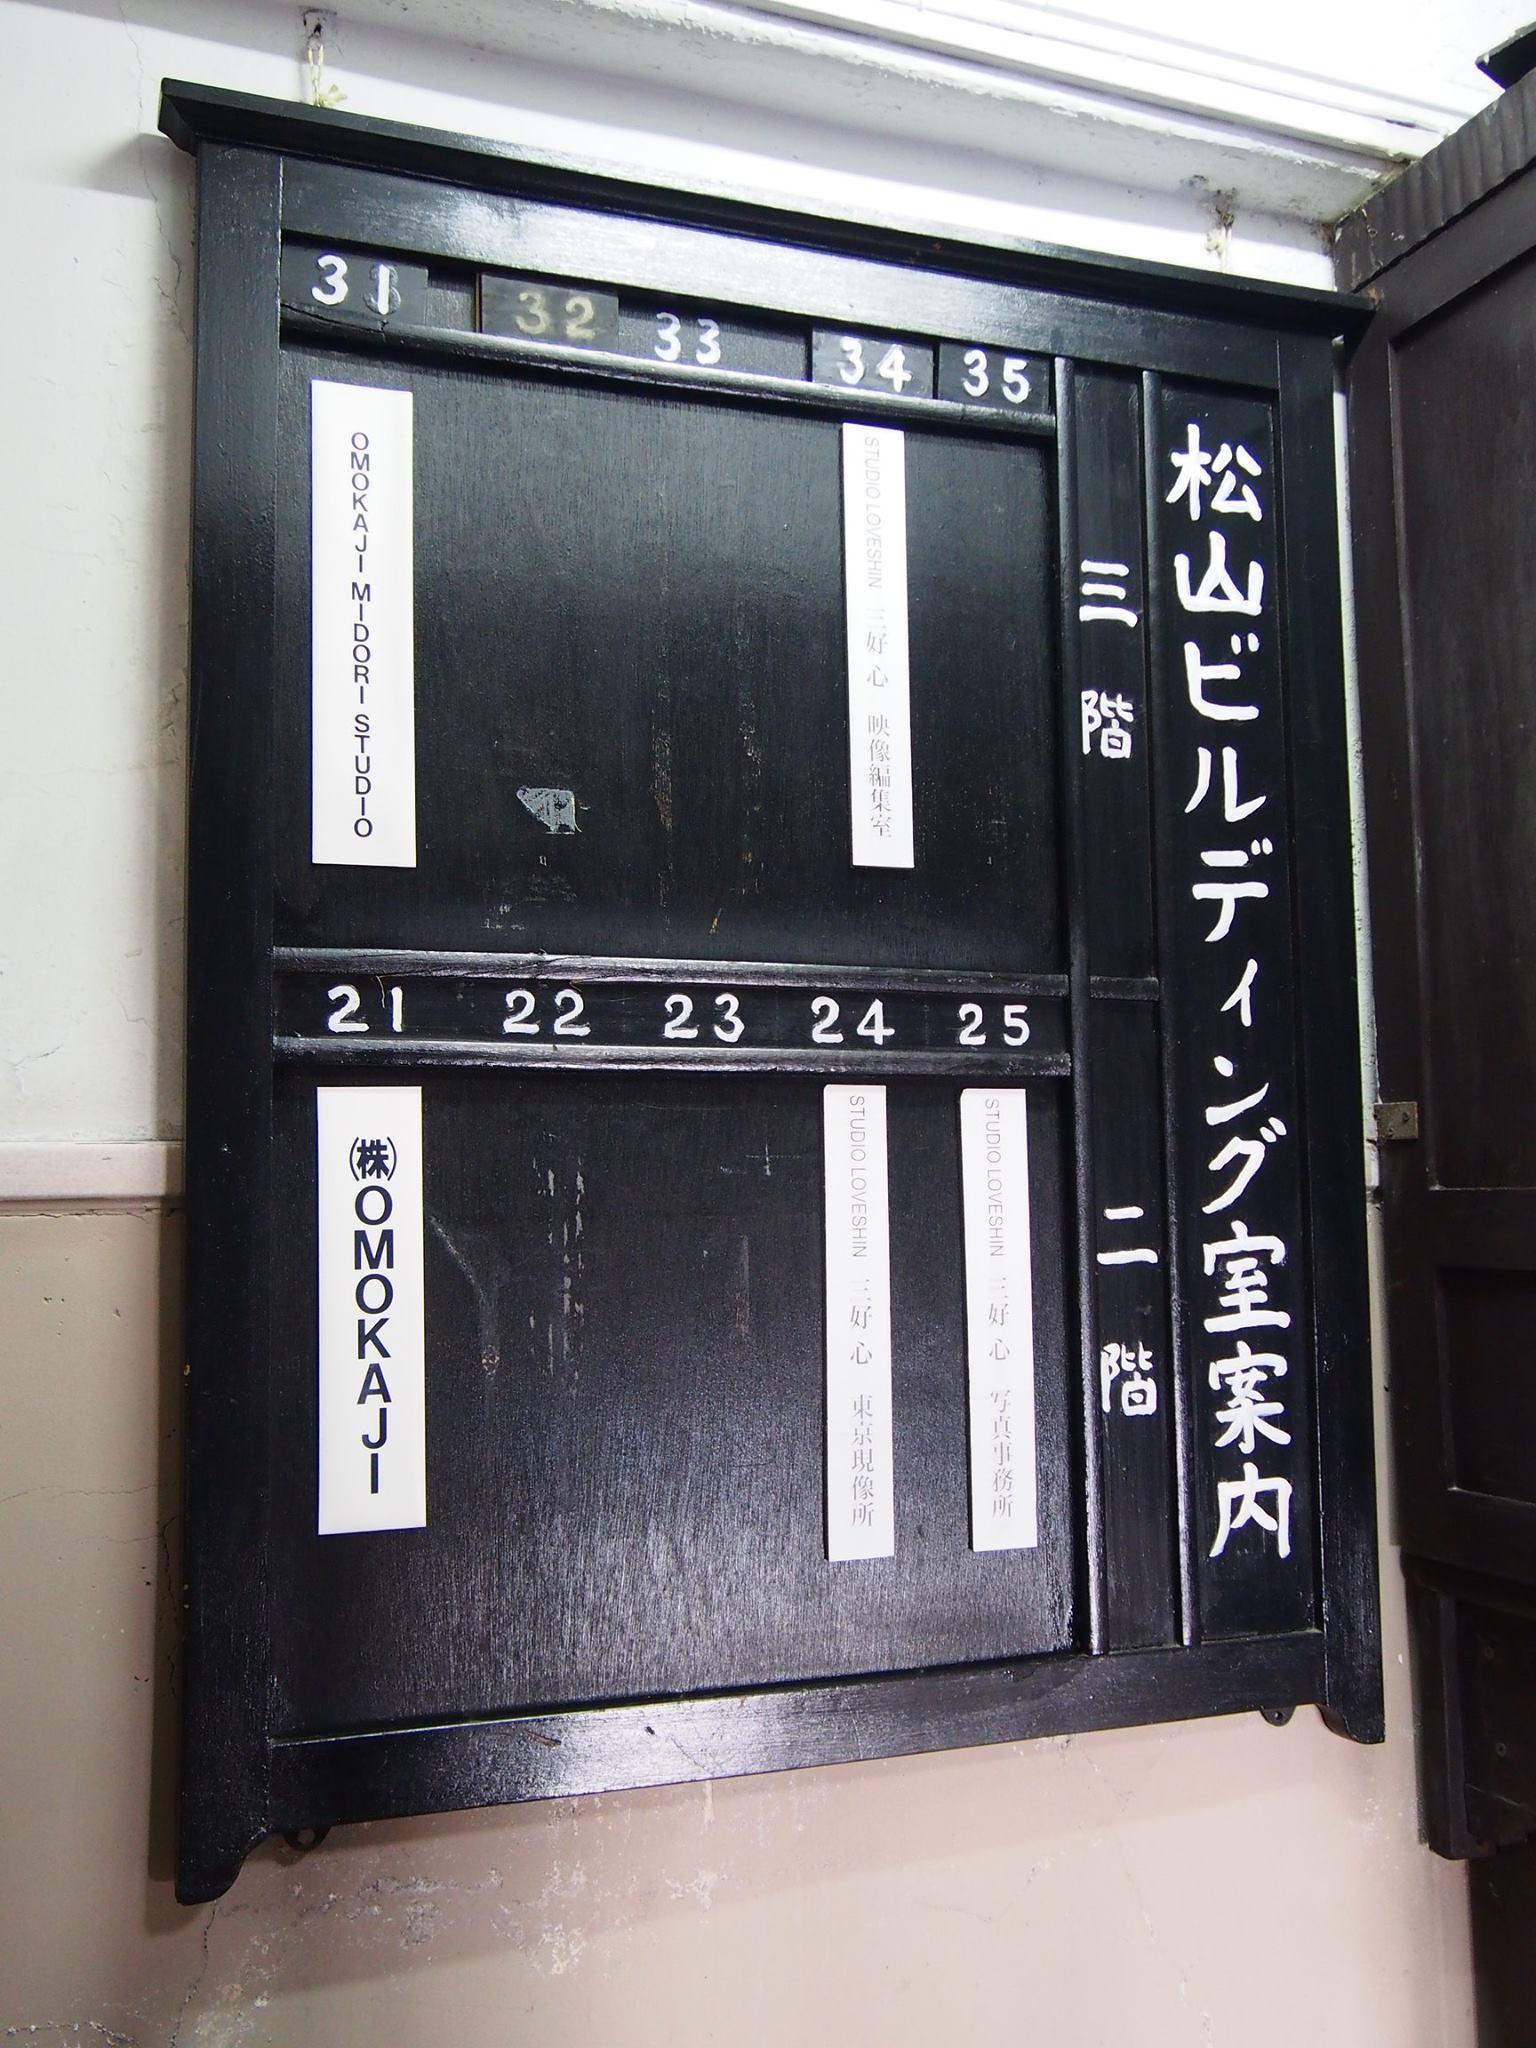 墨田区緑 松山ビル 案内板